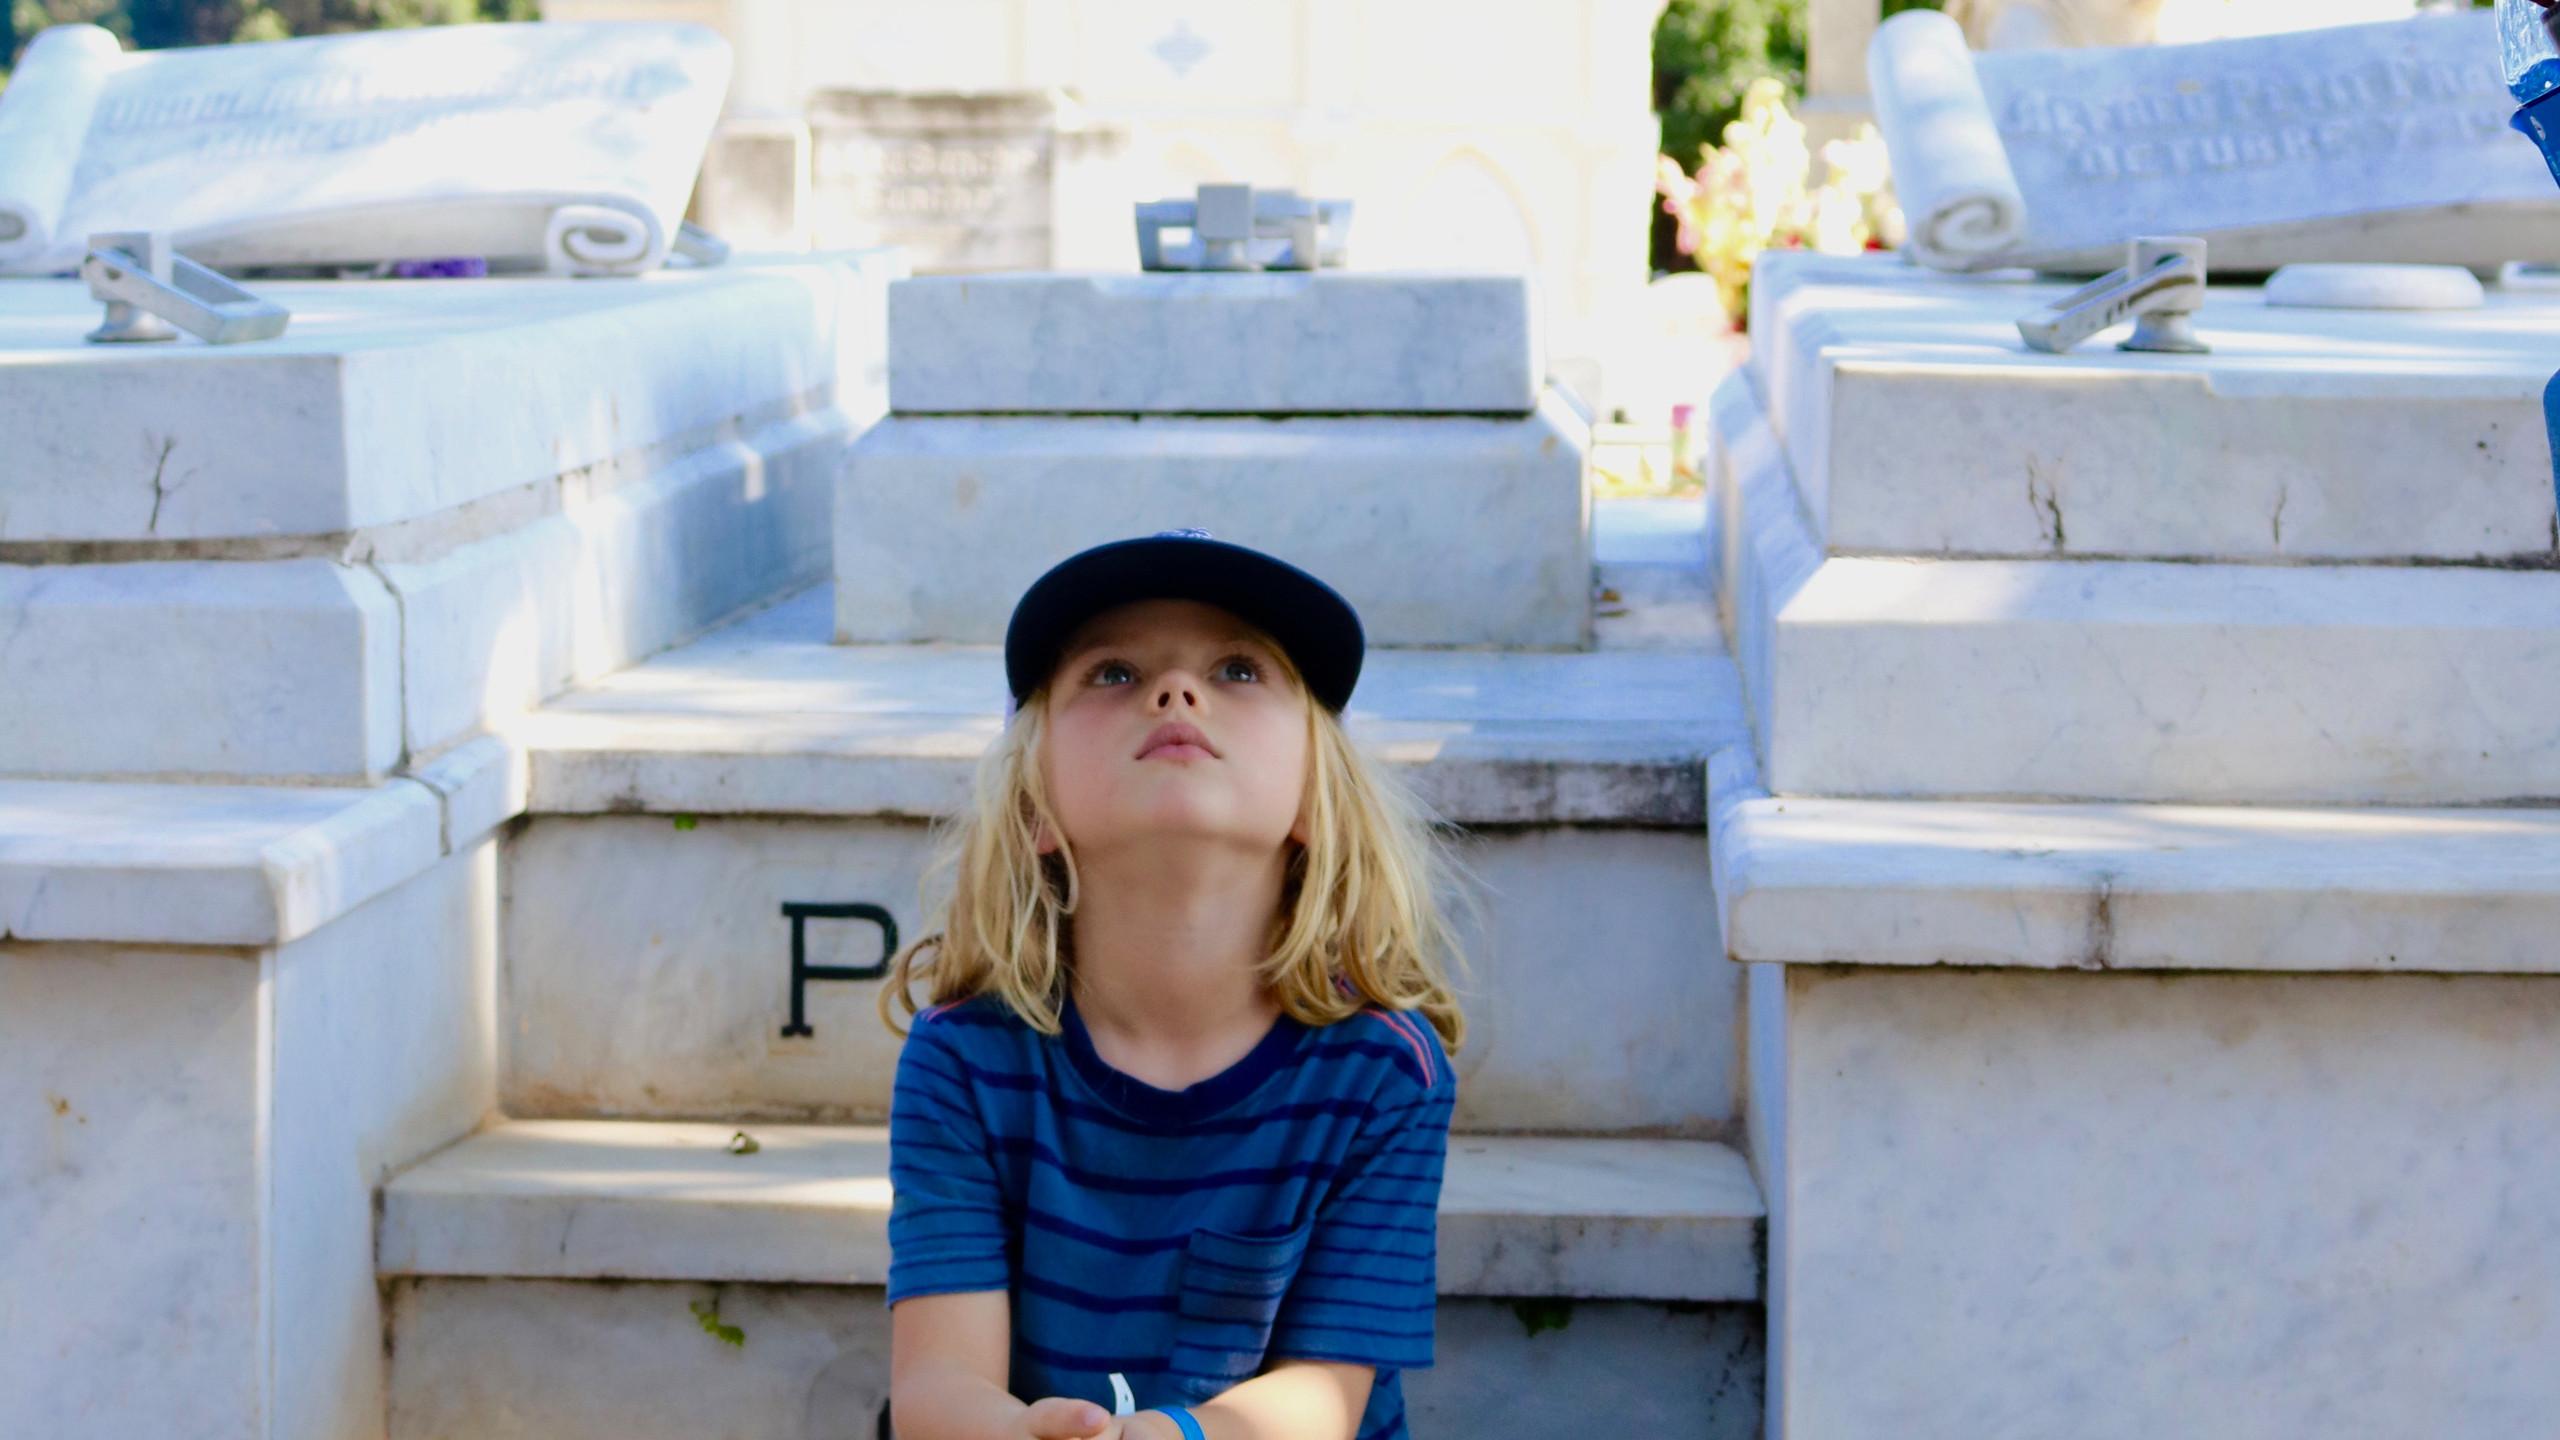 Little boy in blue striped shirt sitting on steps in Havana's Colon Cemetery.